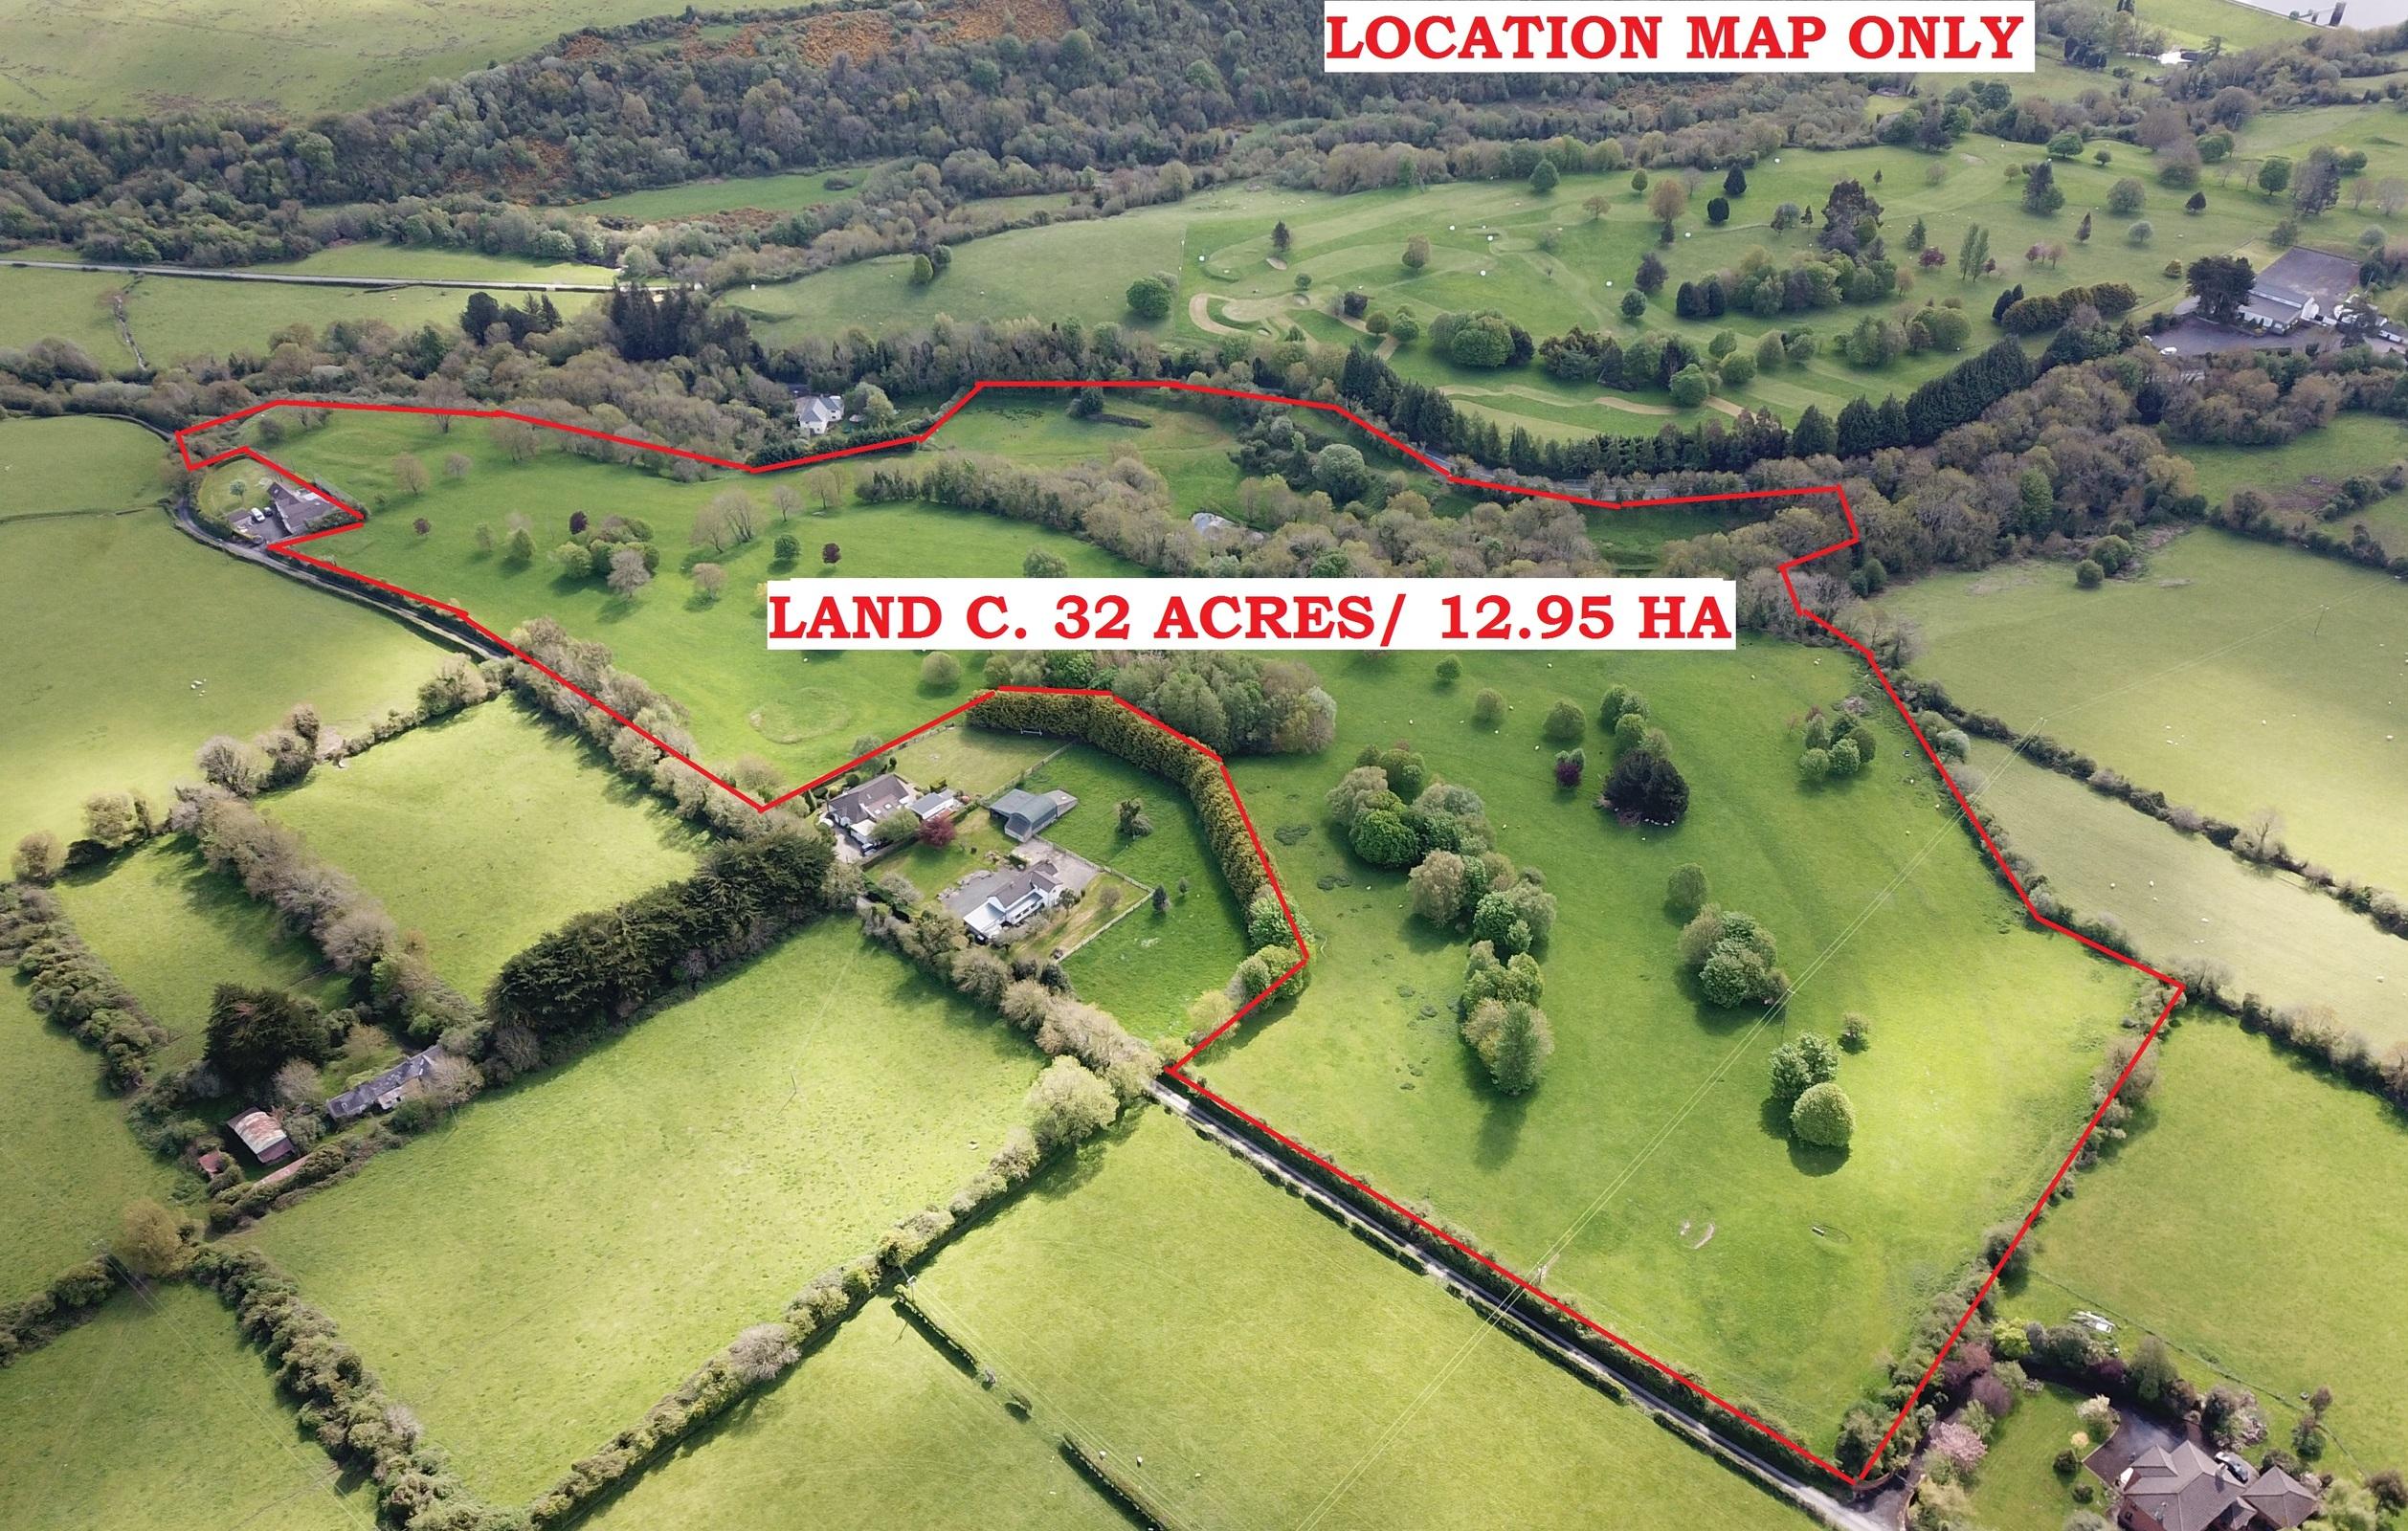 Land c. 32 Acres/ 12.95 HA., Ballymaice, Bohernabreena, Co. Dublin